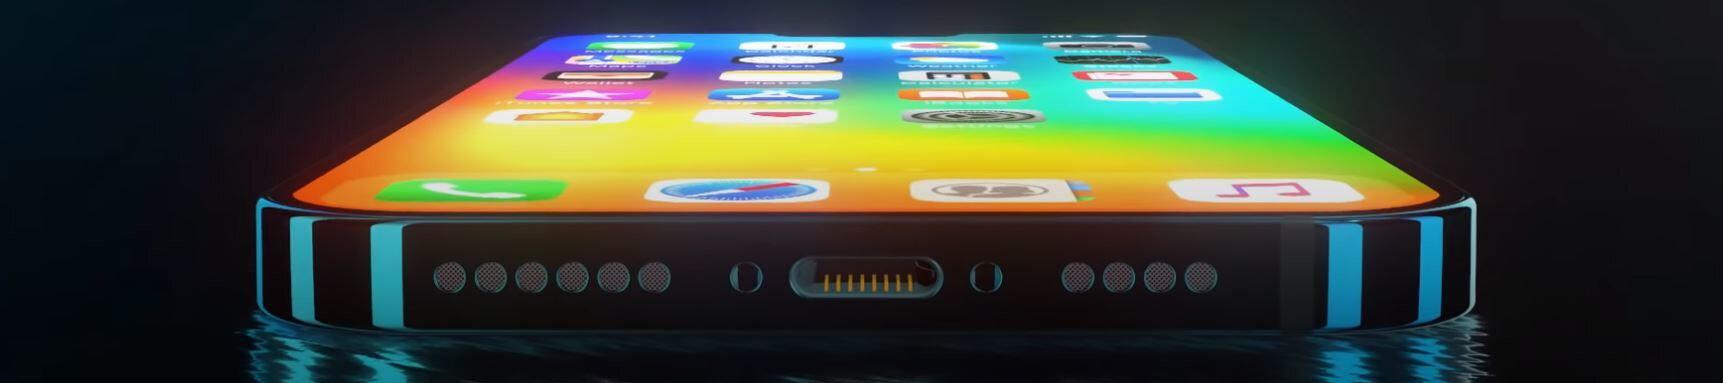 iPhone 12 için çizilen yeni konsept videosu, ürünün tahmini tasarım detaylarını ortaya çıkarıyor.